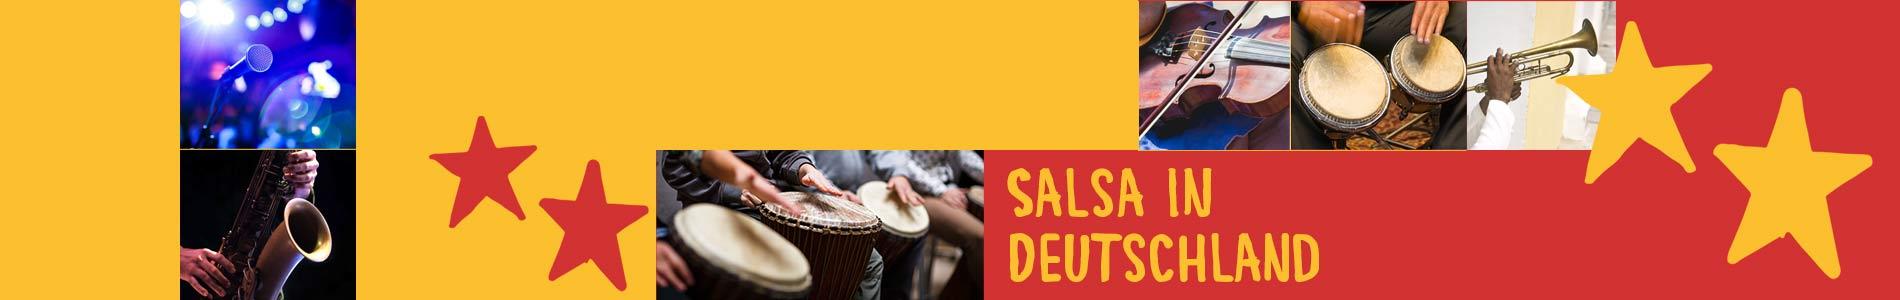 Salsa in Dausenau – Salsa lernen und tanzen, Tanzkurse, Partys, Veranstaltungen